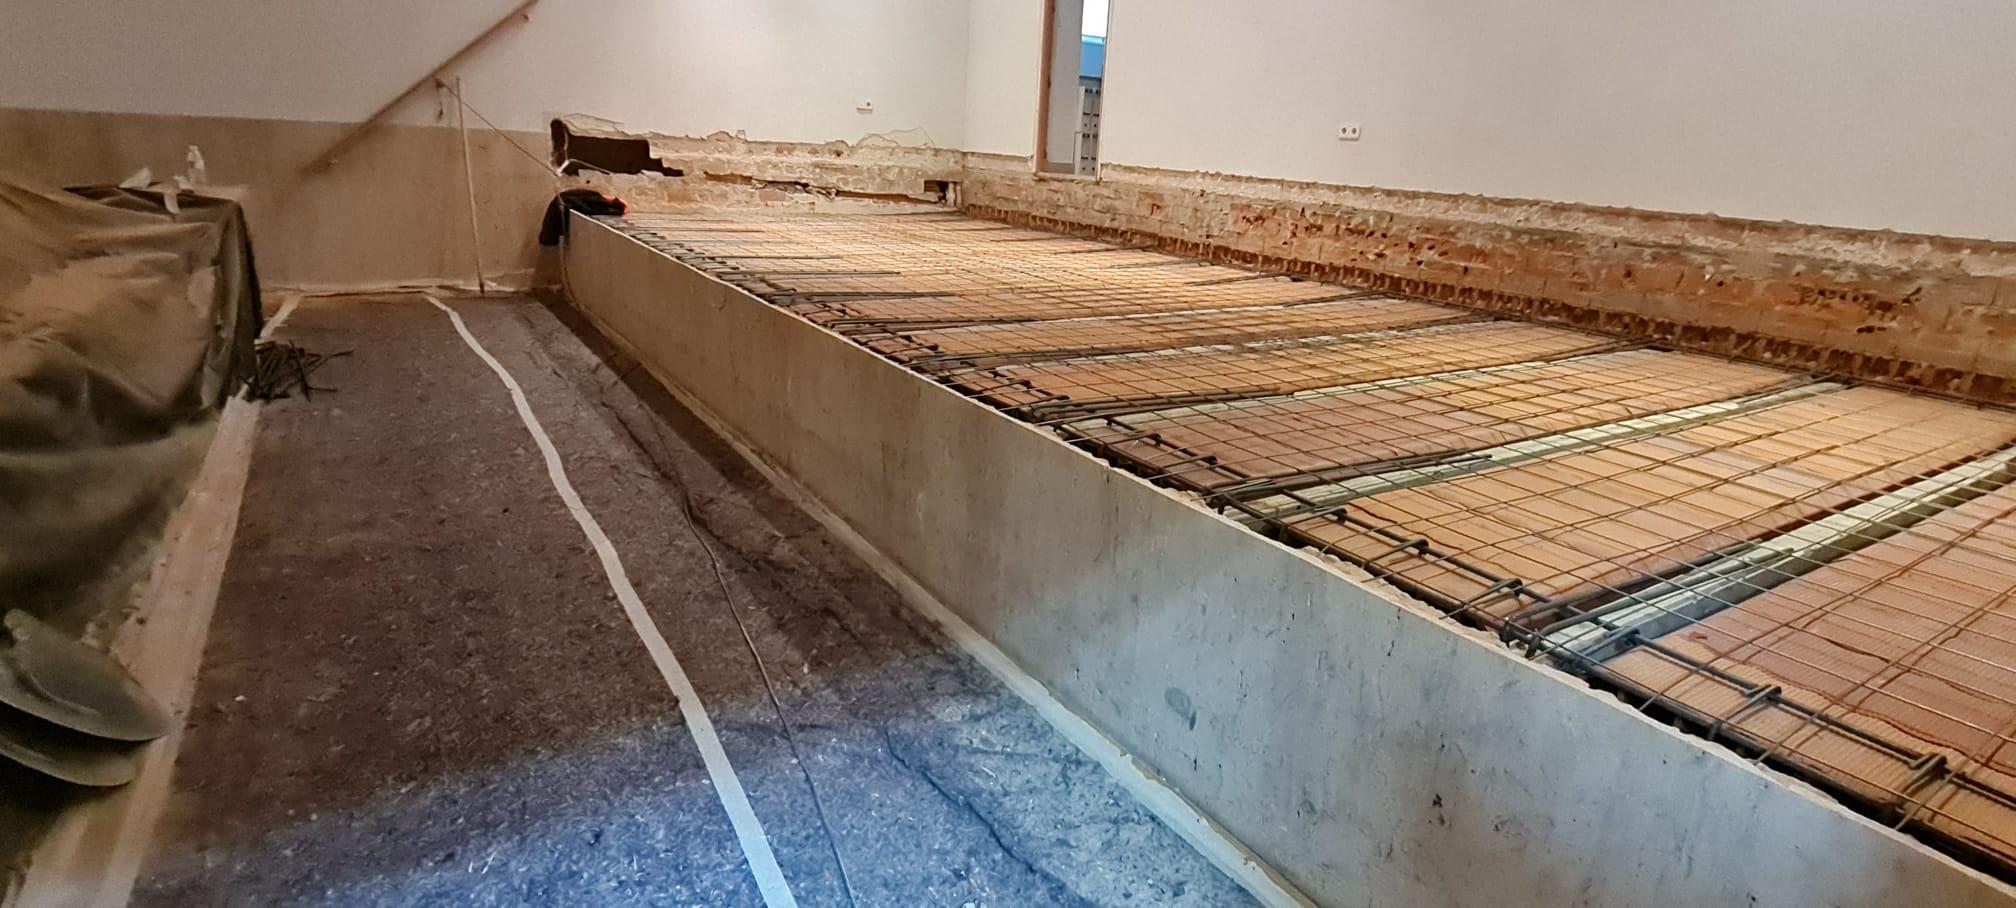 El Ayuntamiento invierte el periodo de cierre de la Biblioteca 'José Hierro', debido a la pandemia, para realizar obras de mejora en la cubierta y acondicionar el escenario